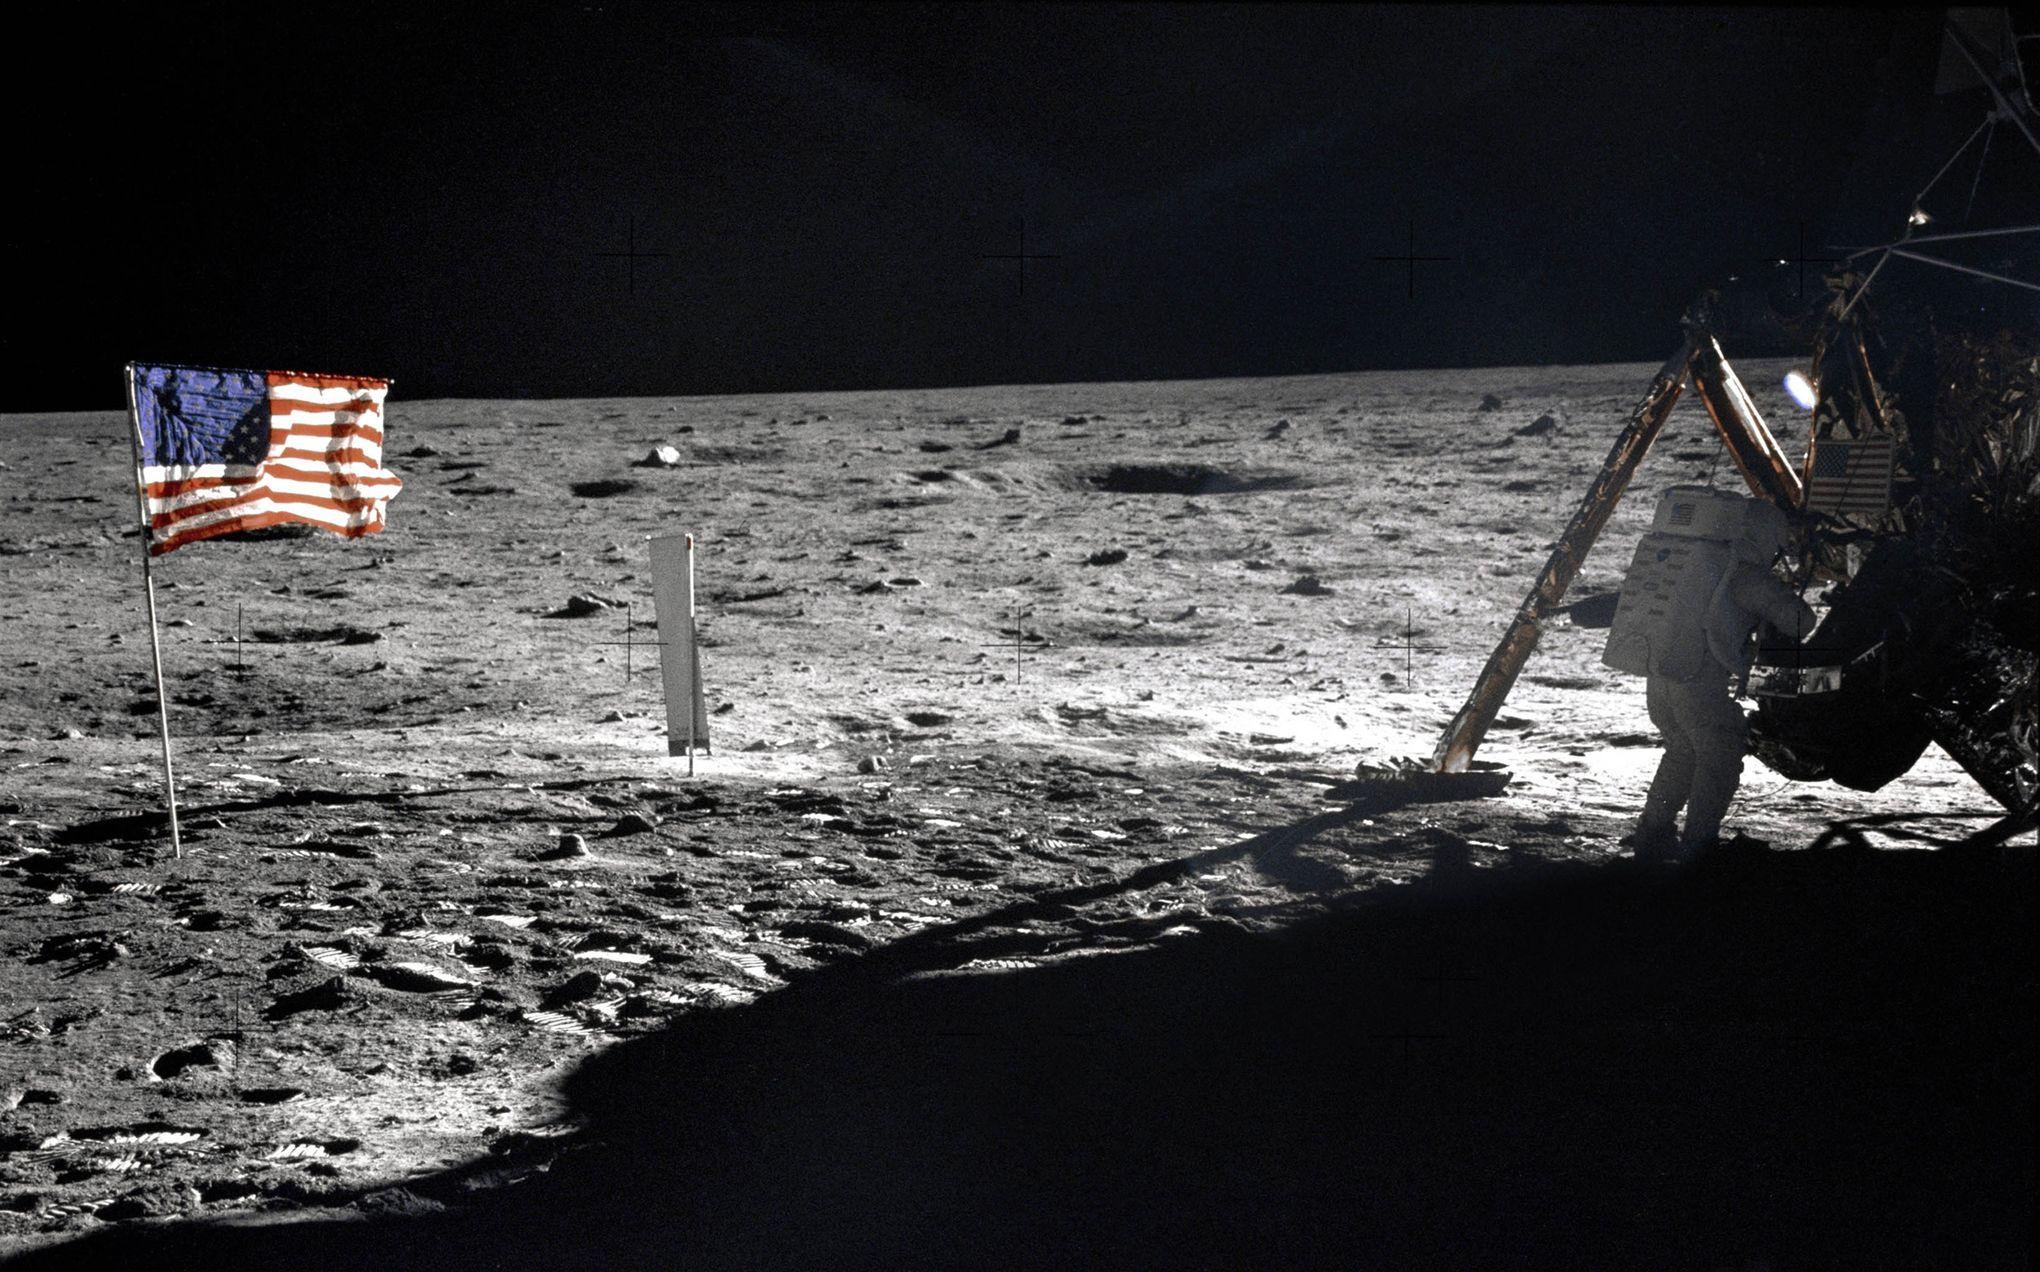 Le 20 juillet 1969 neil armstrong marchait sur la lune for Jardin lune juillet 2015